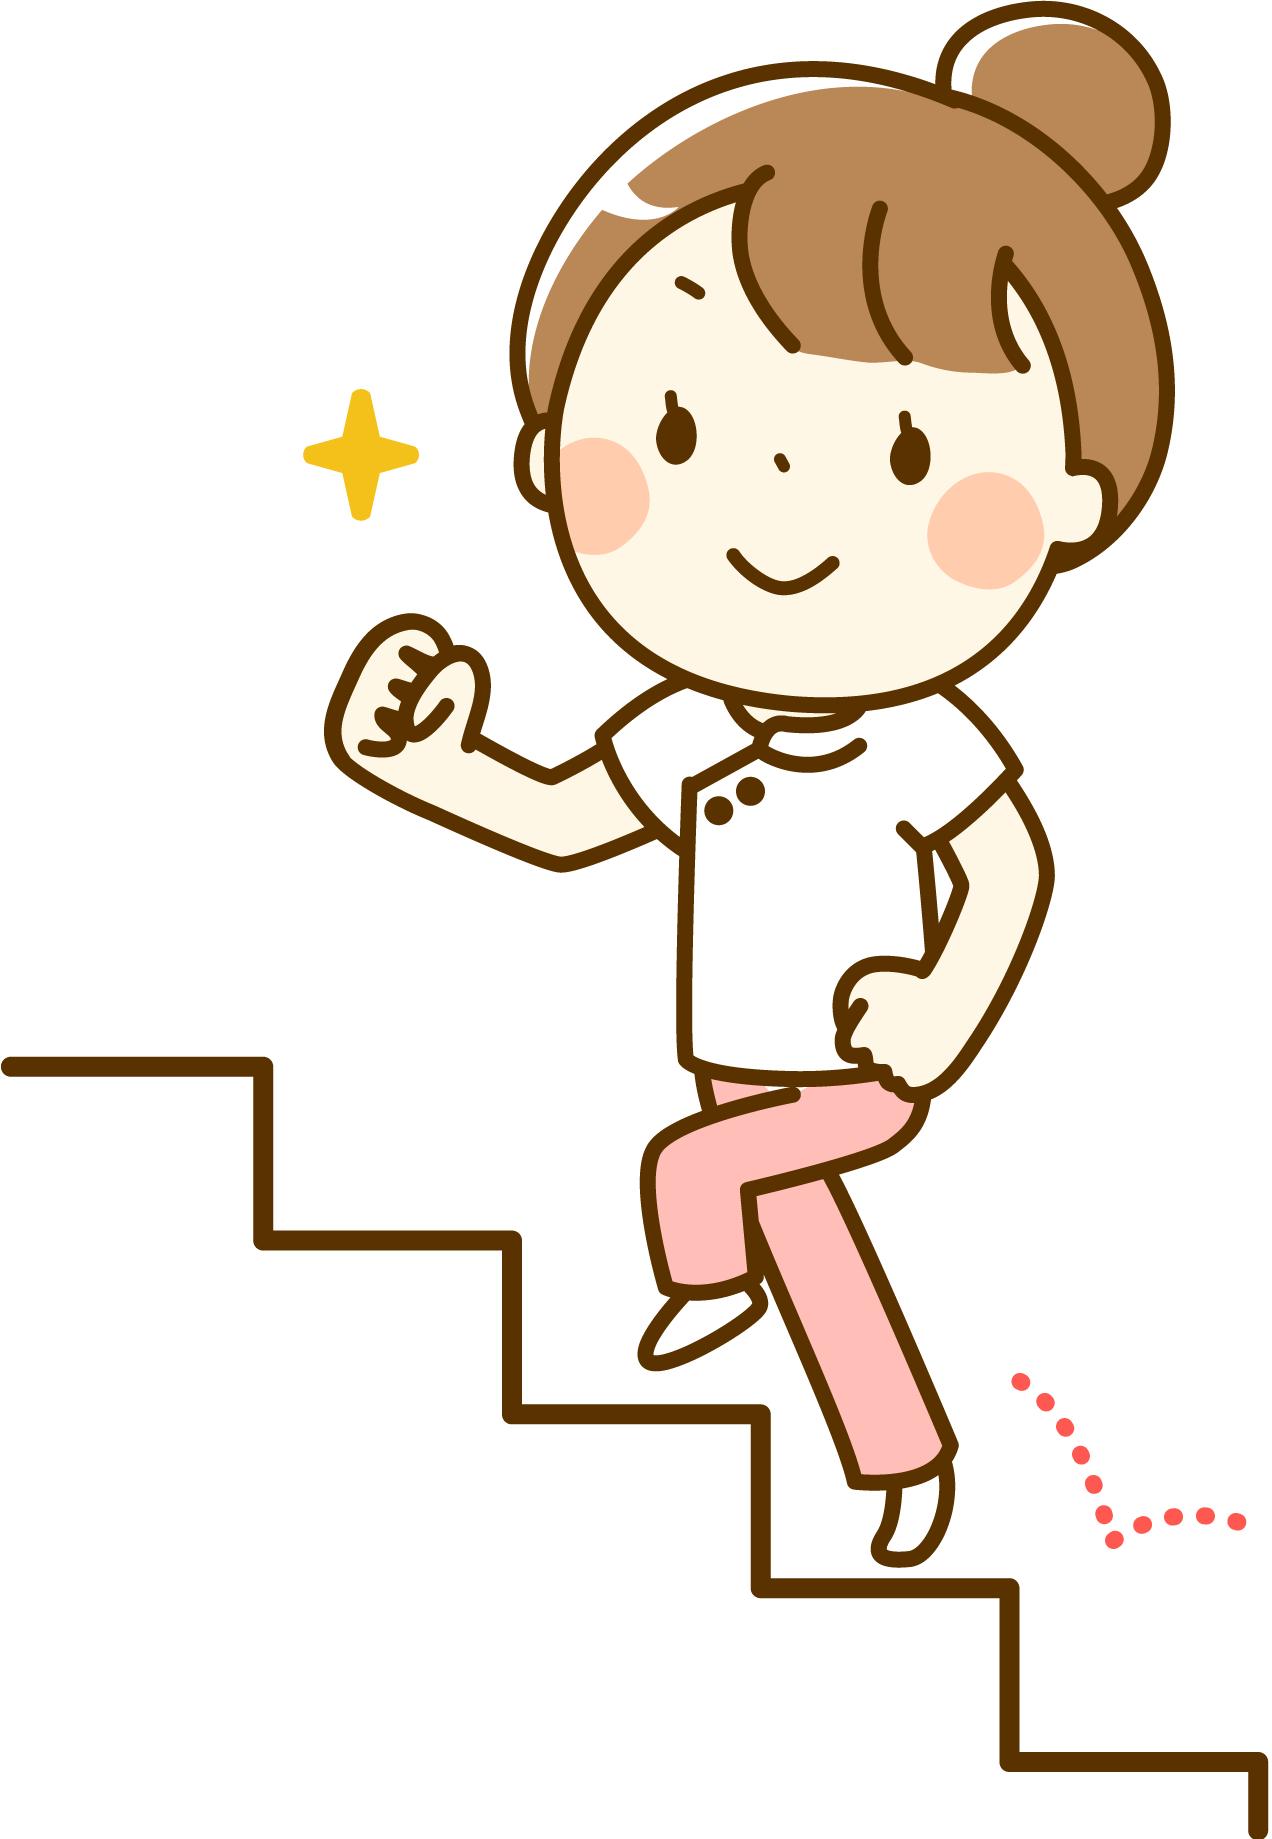 【岡山市北区】オープニングスタッフ/看護小規模多機能/正社員/正看護師/経験者大歓迎